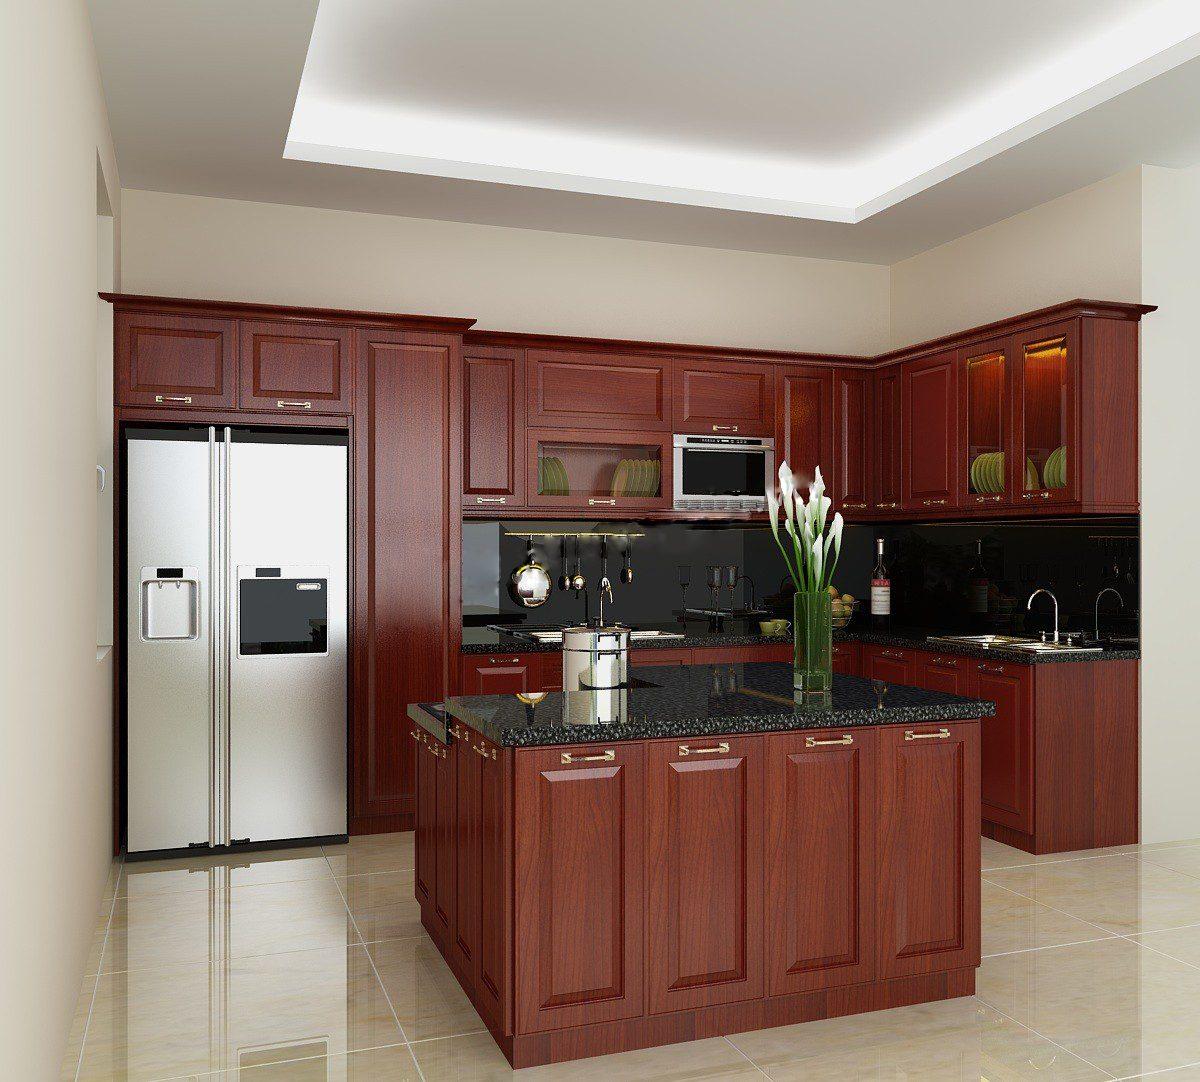 Tủ bếp gỗ việt cao cấp chính hãng 100% cho người việt